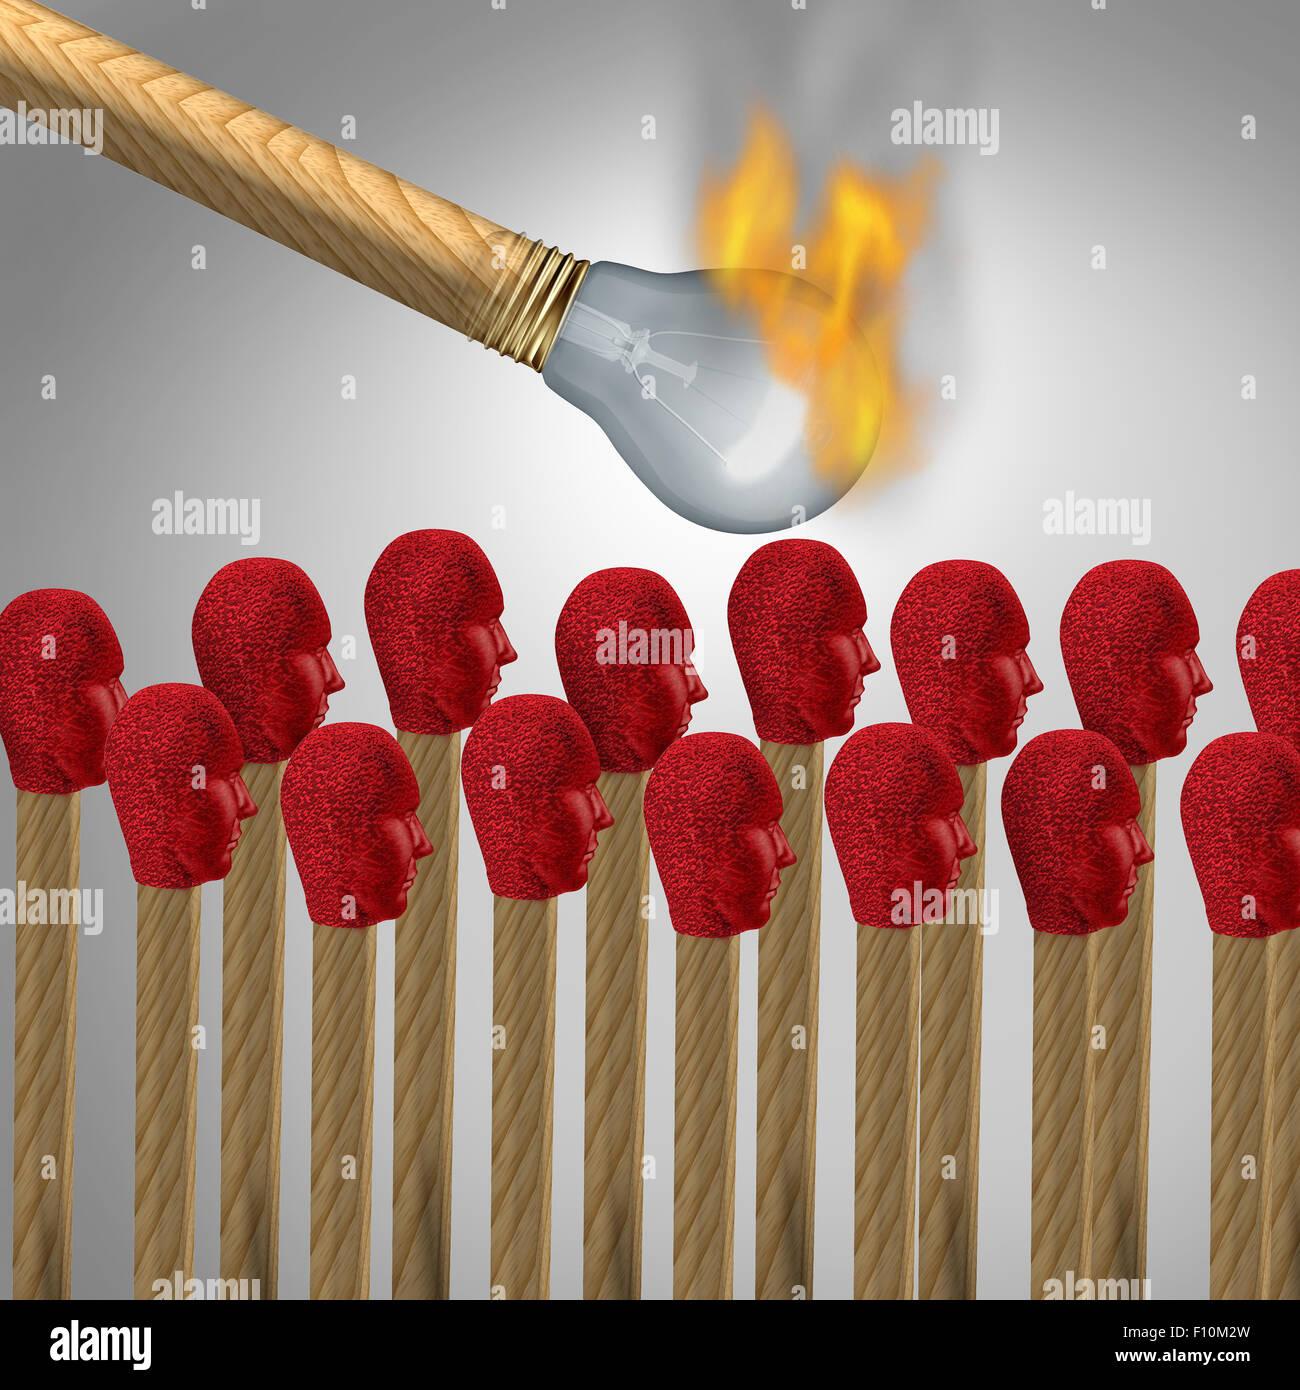 Ideas que pueden atrapar el concepto como un símbolo de marketing viral y difundir una idea popular o propaganda Imagen De Stock